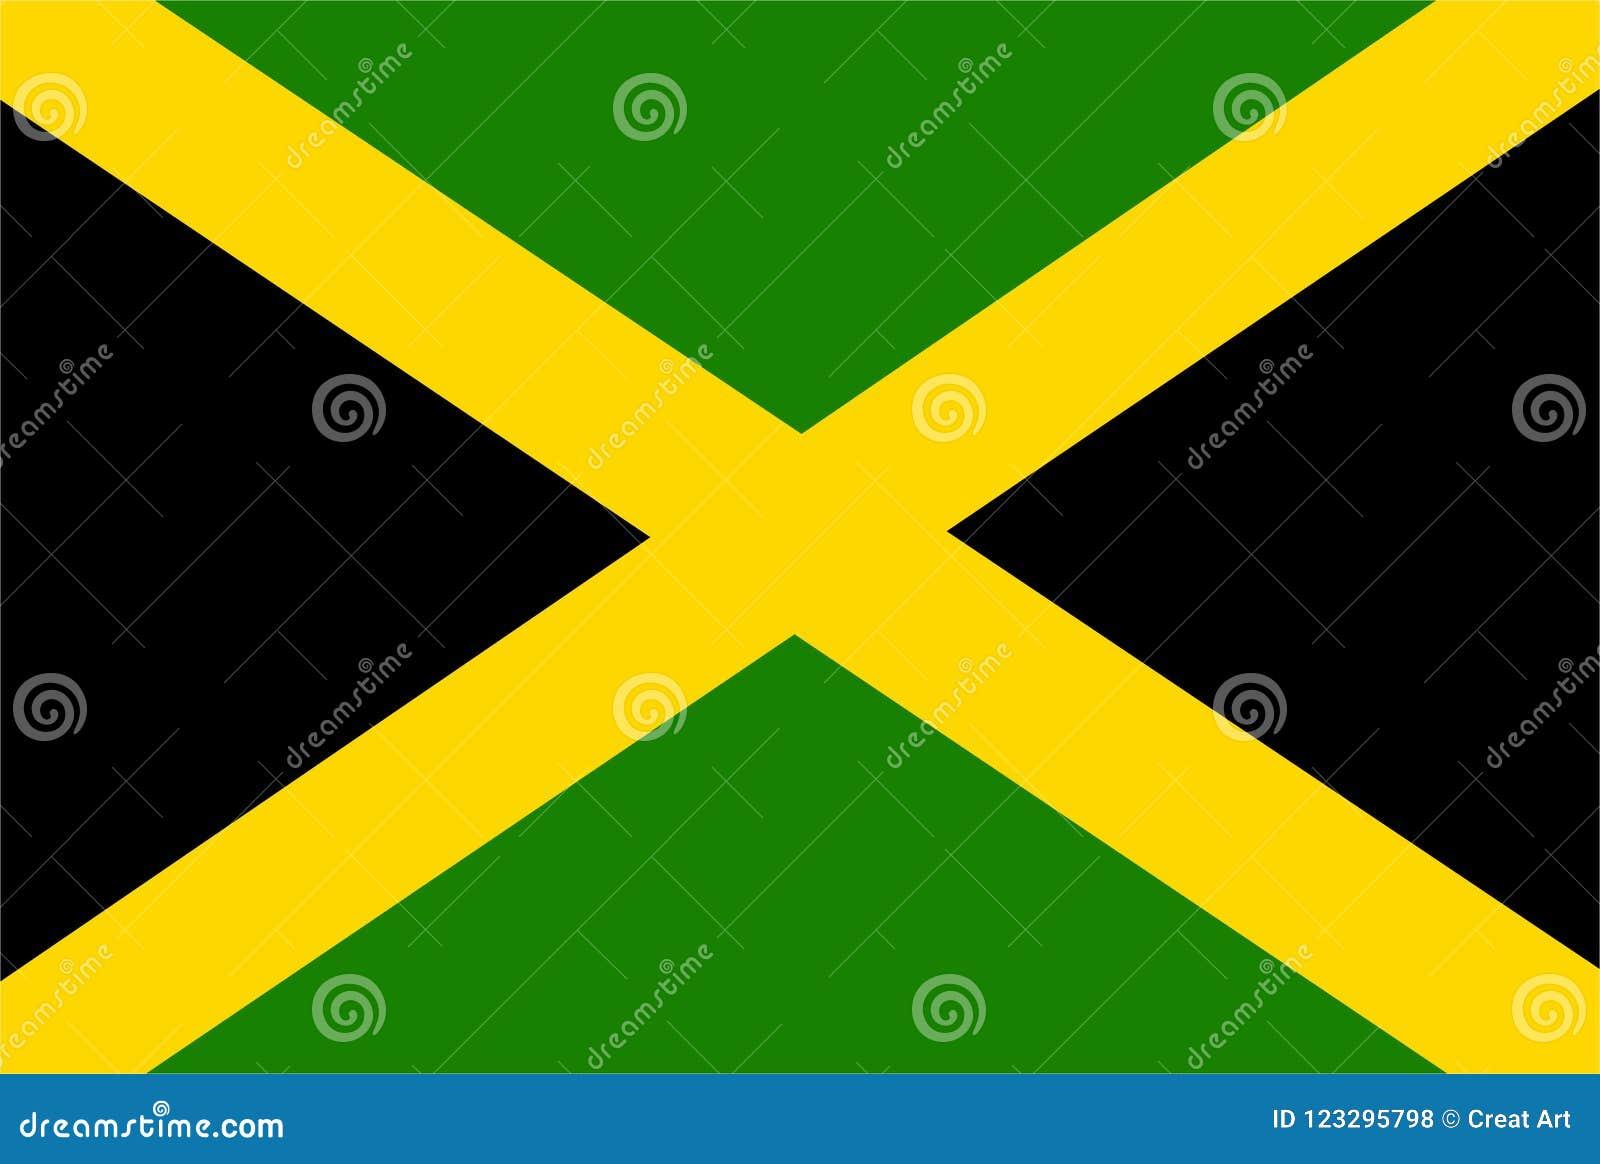 Jamajka flaga wektor Ilustracja Jamajka flaga